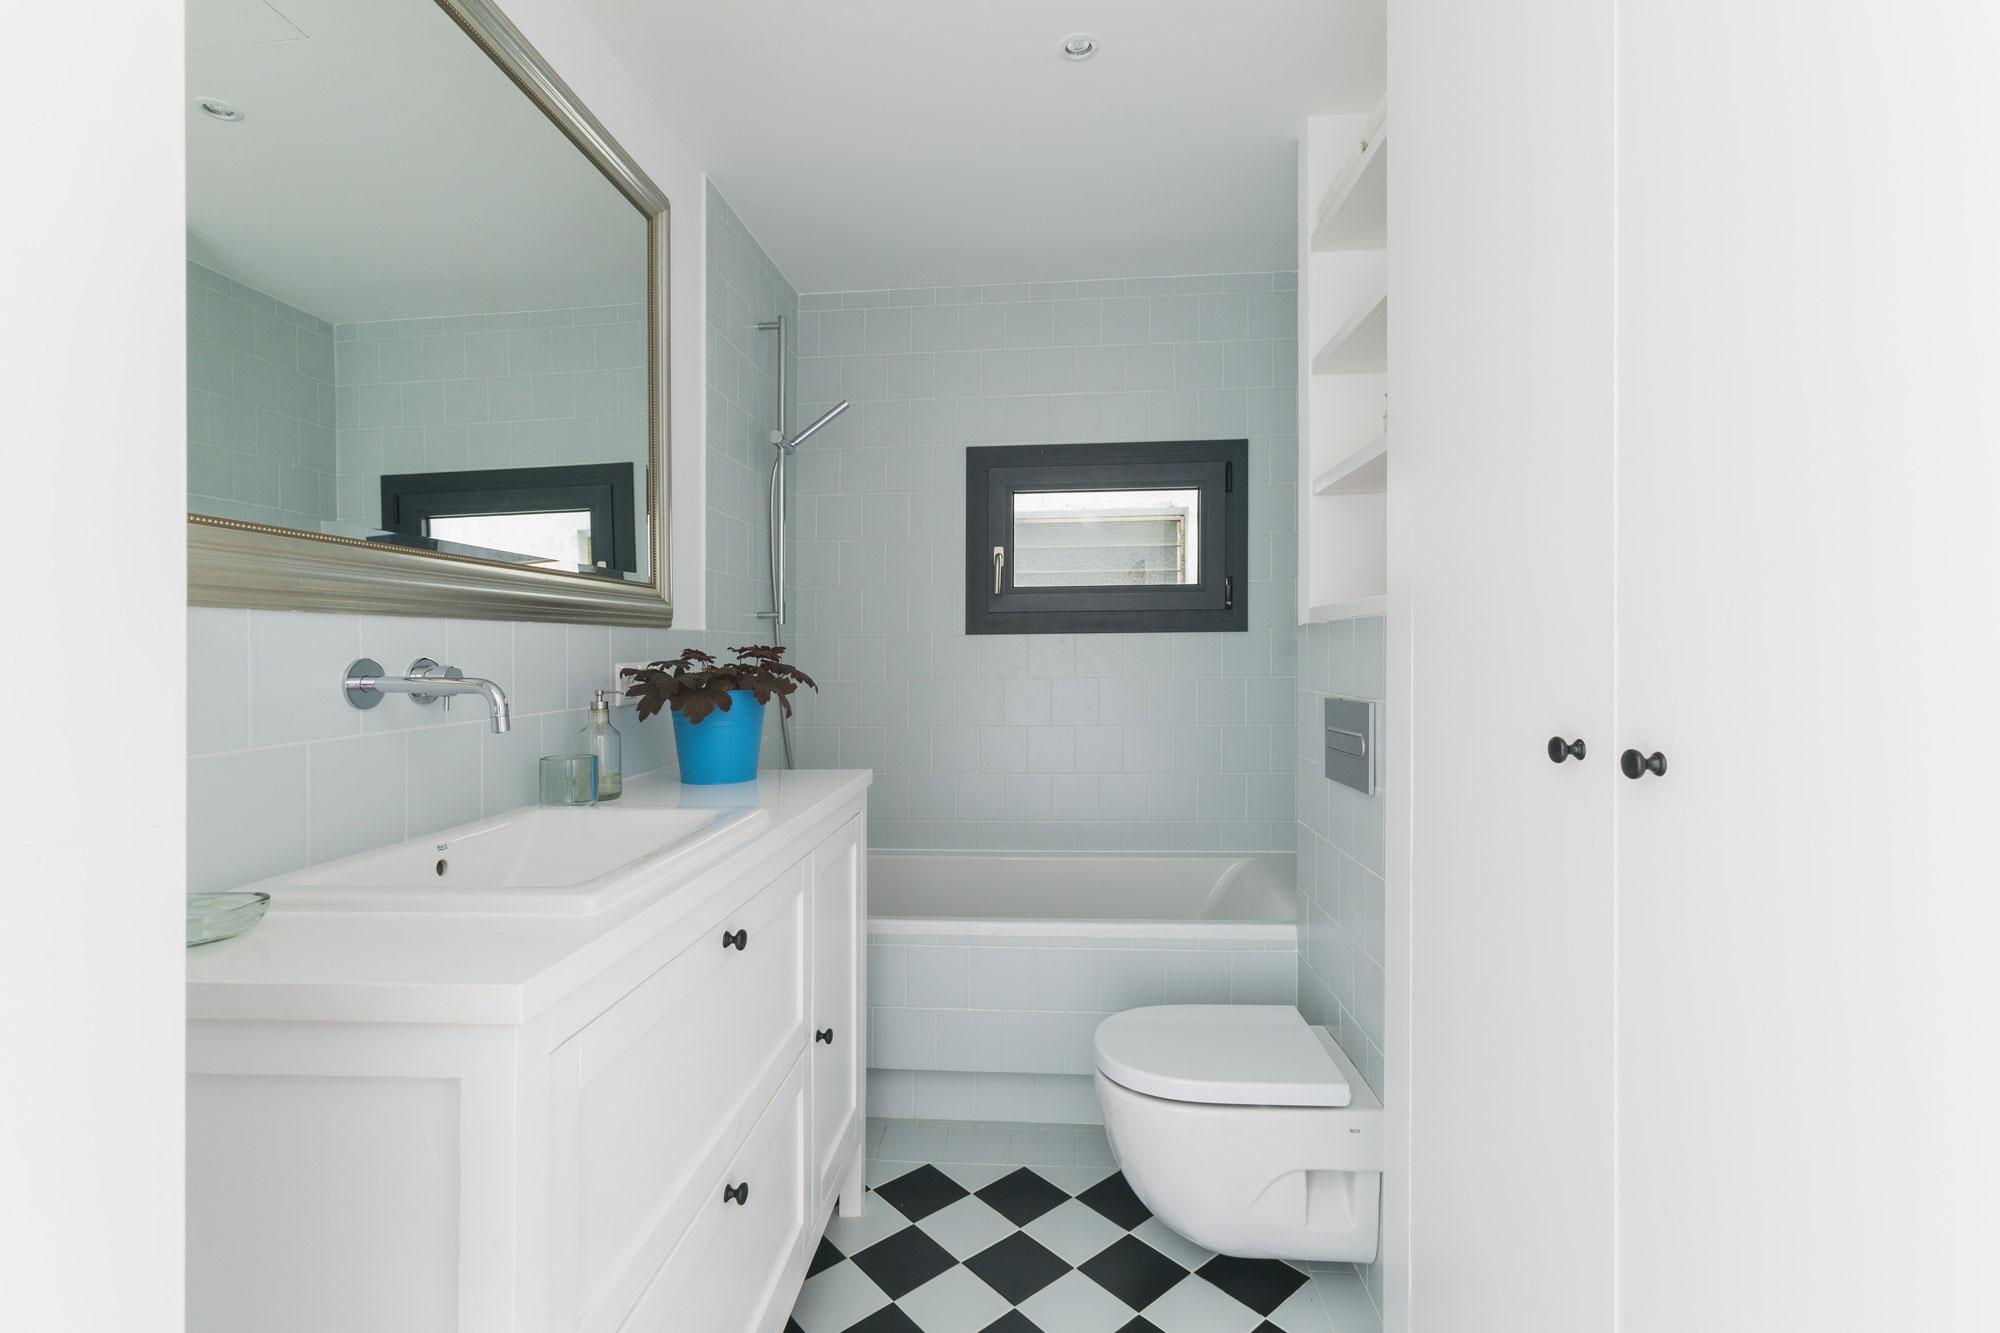 Интерьер маленькой ванной комнаты - фото 22